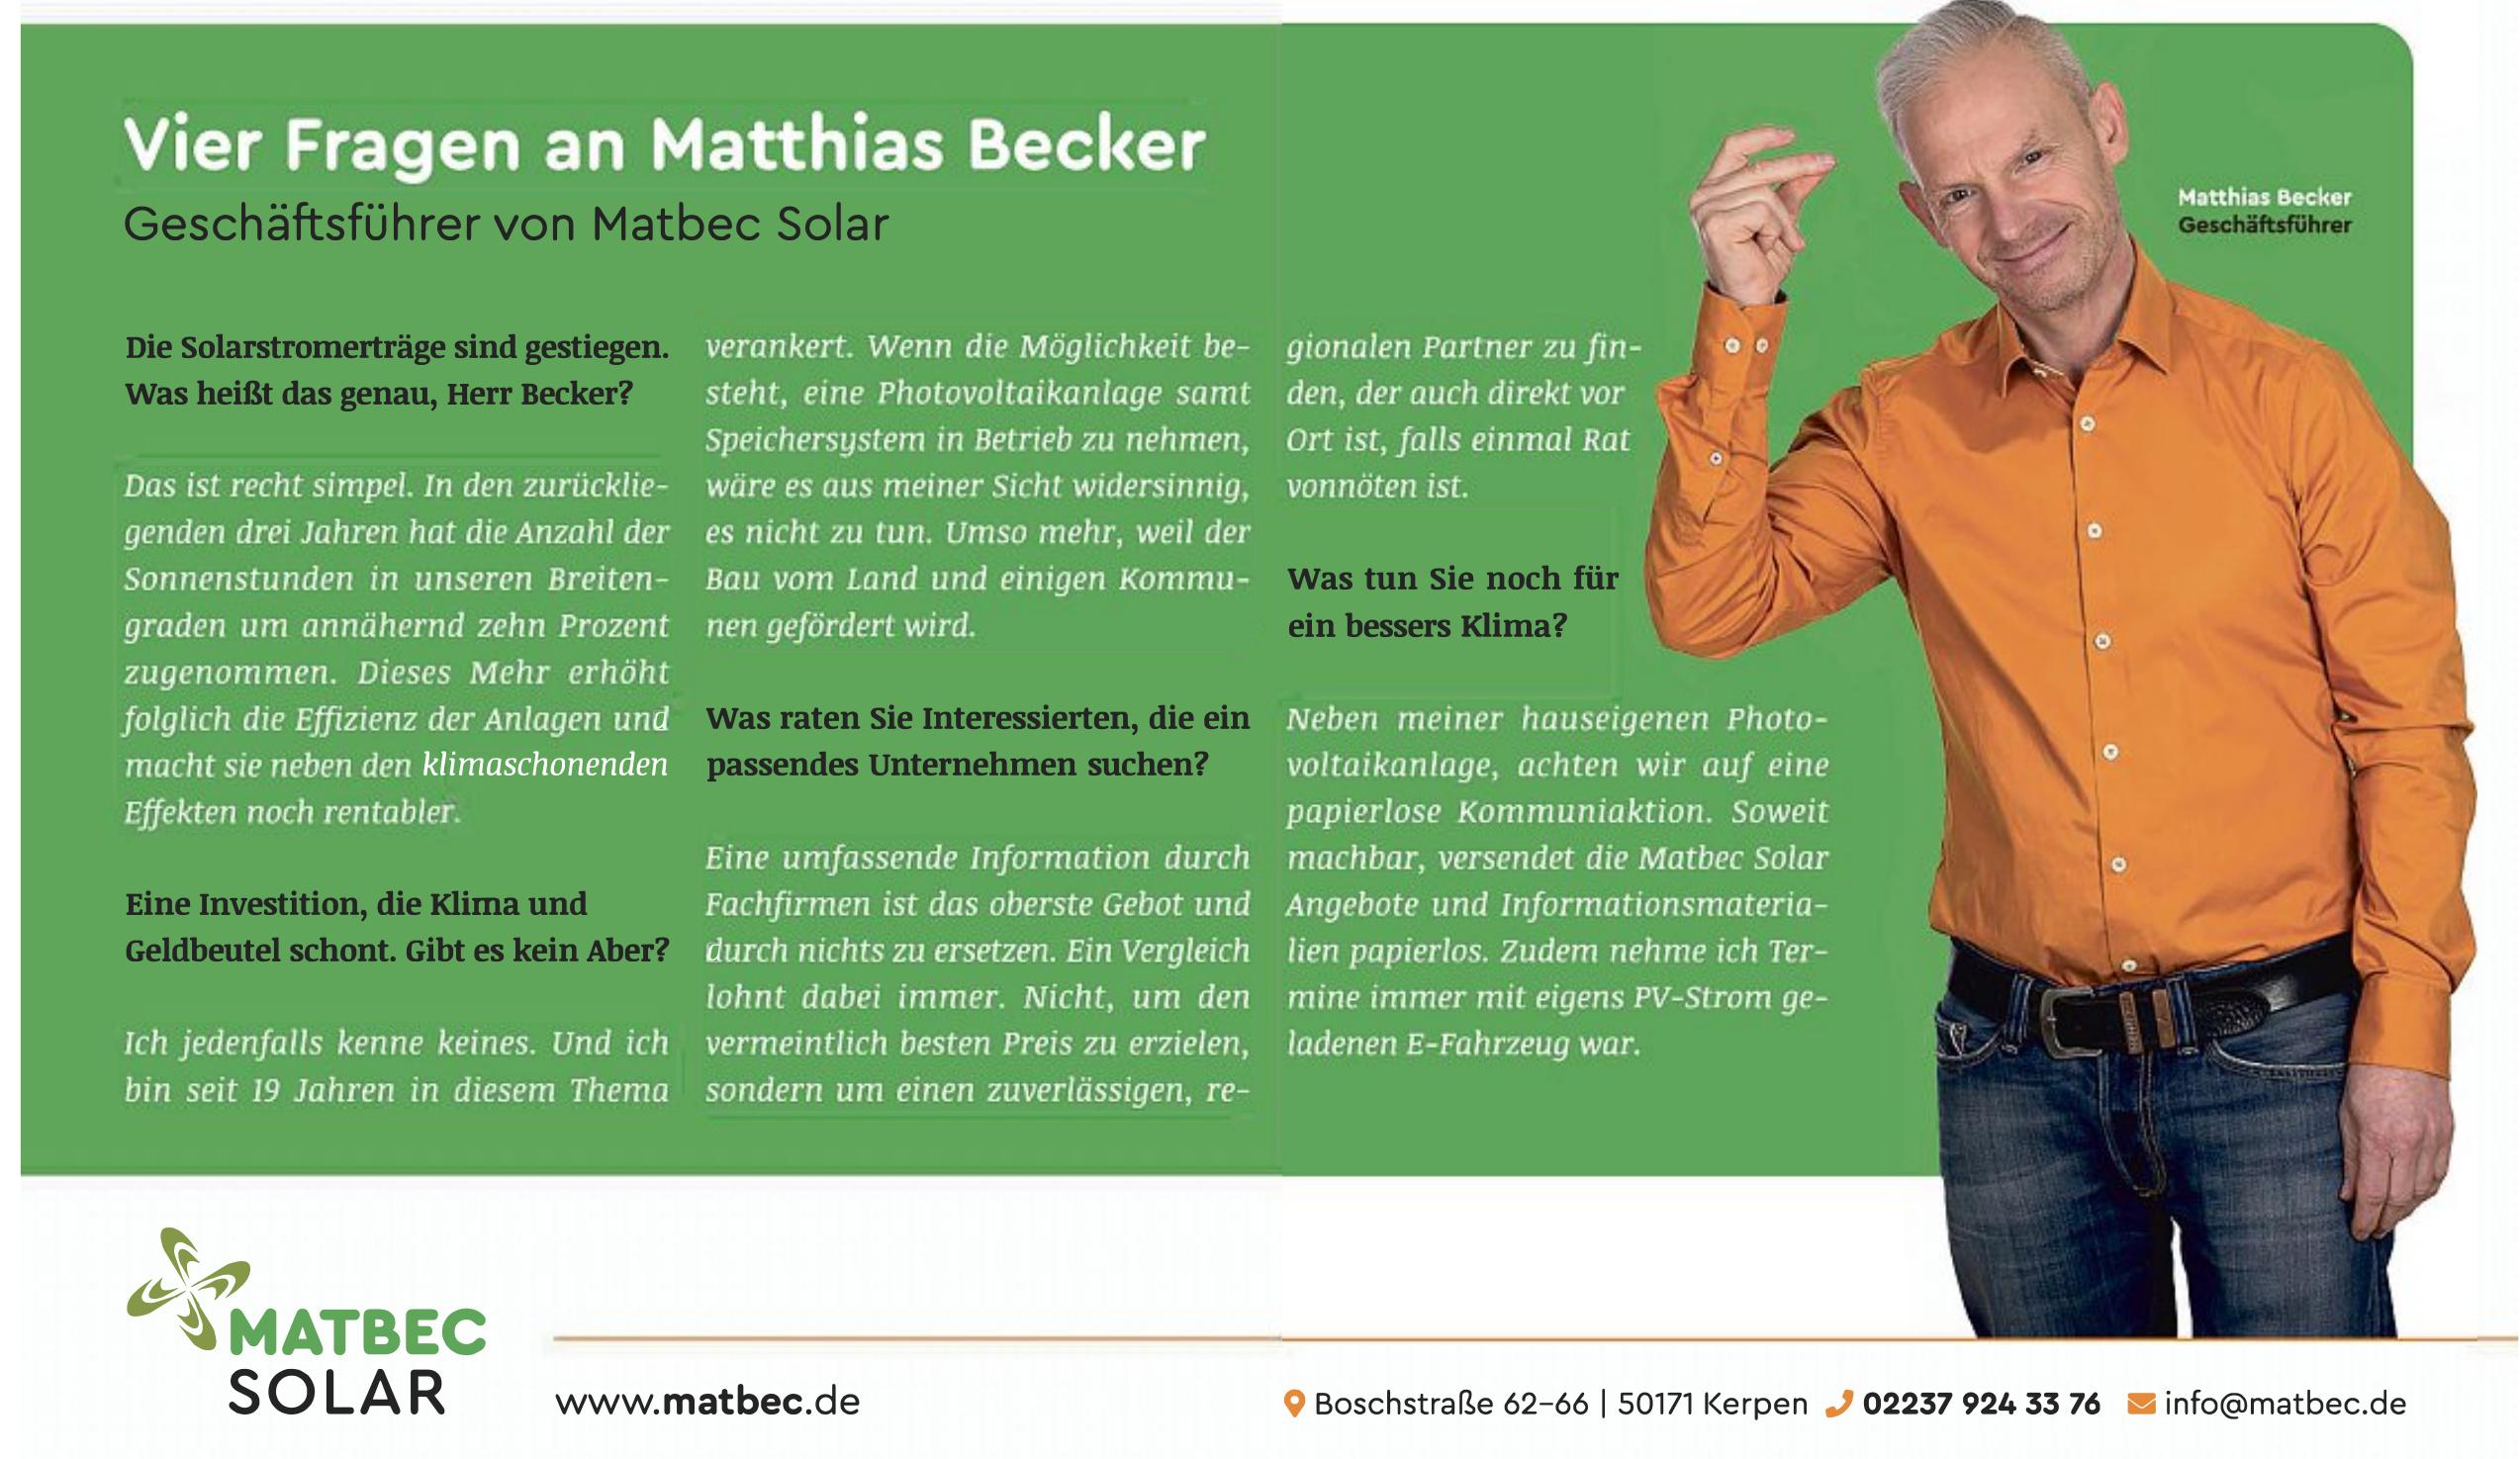 Matbec Solar